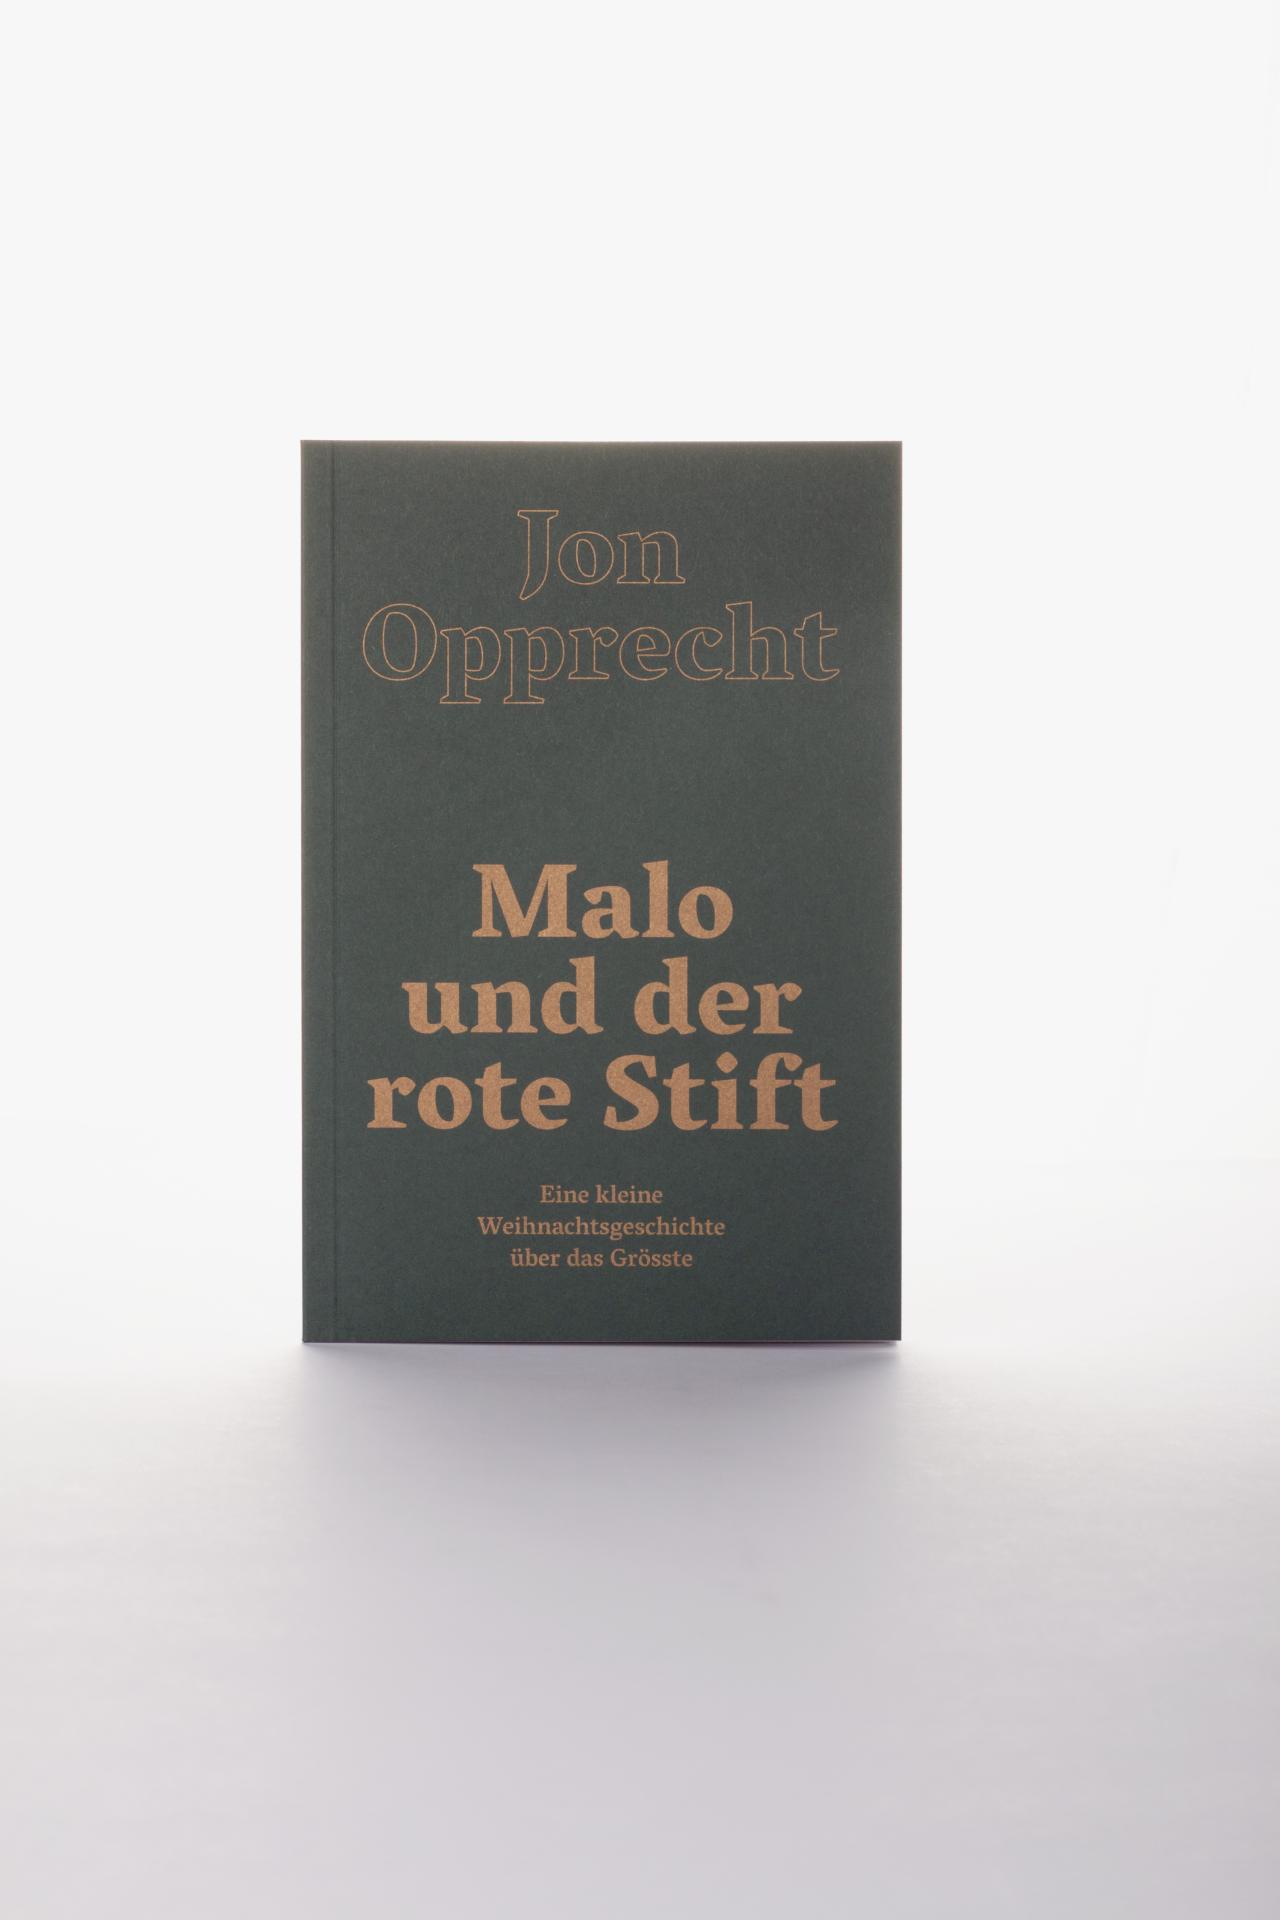 Tanner Druck AG, Buch Jon Opprecht